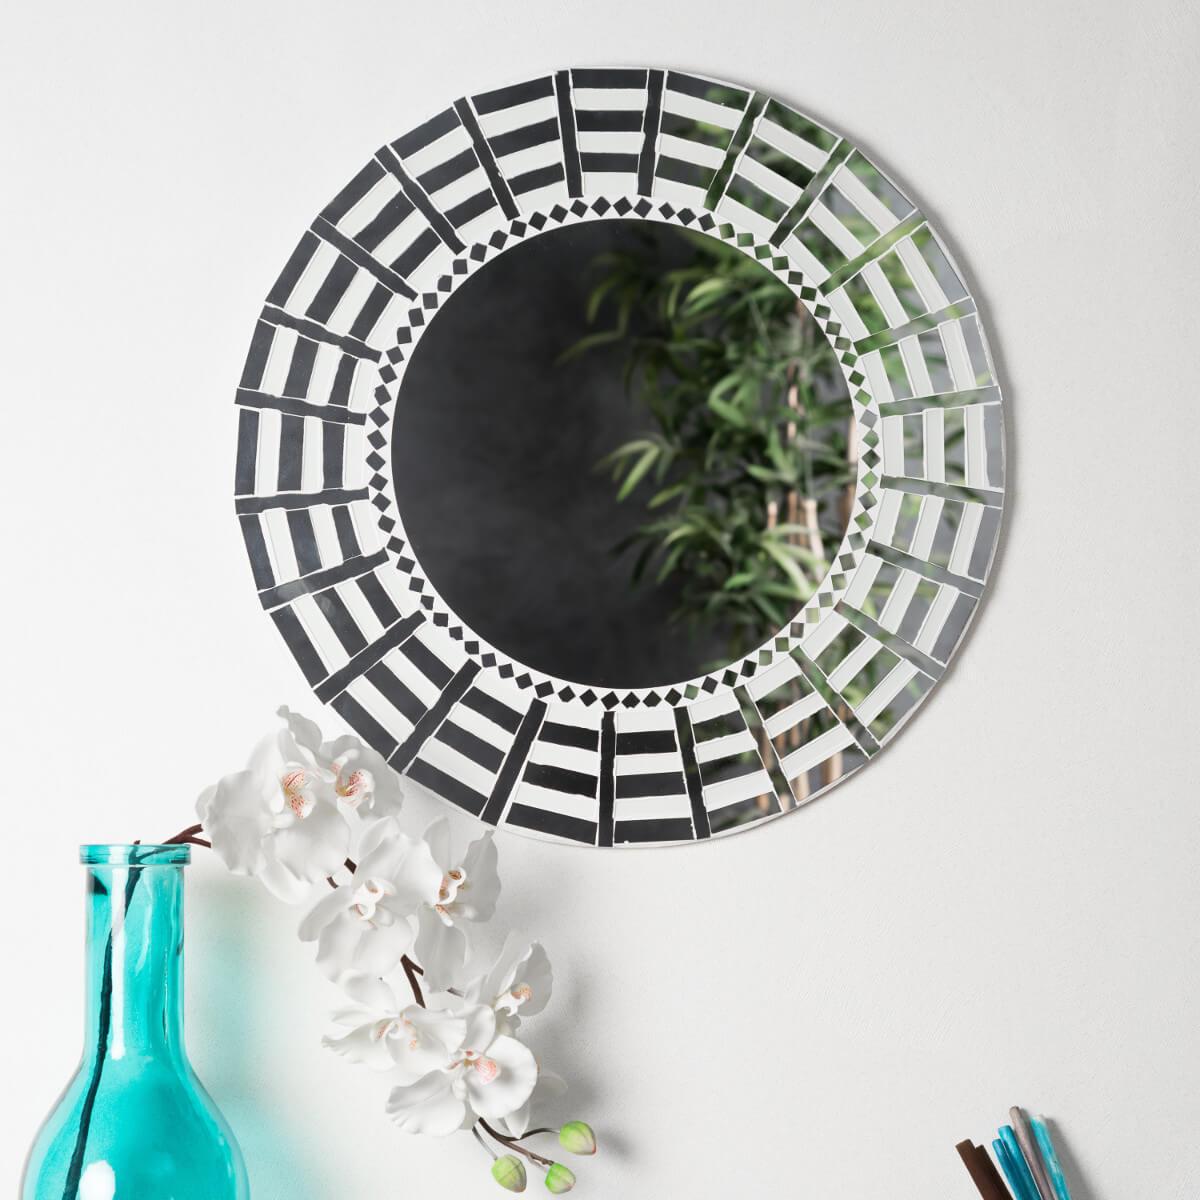 Neuf miroir mosaique design blanc argent 50cm salon chambre for Miroir mosaique design